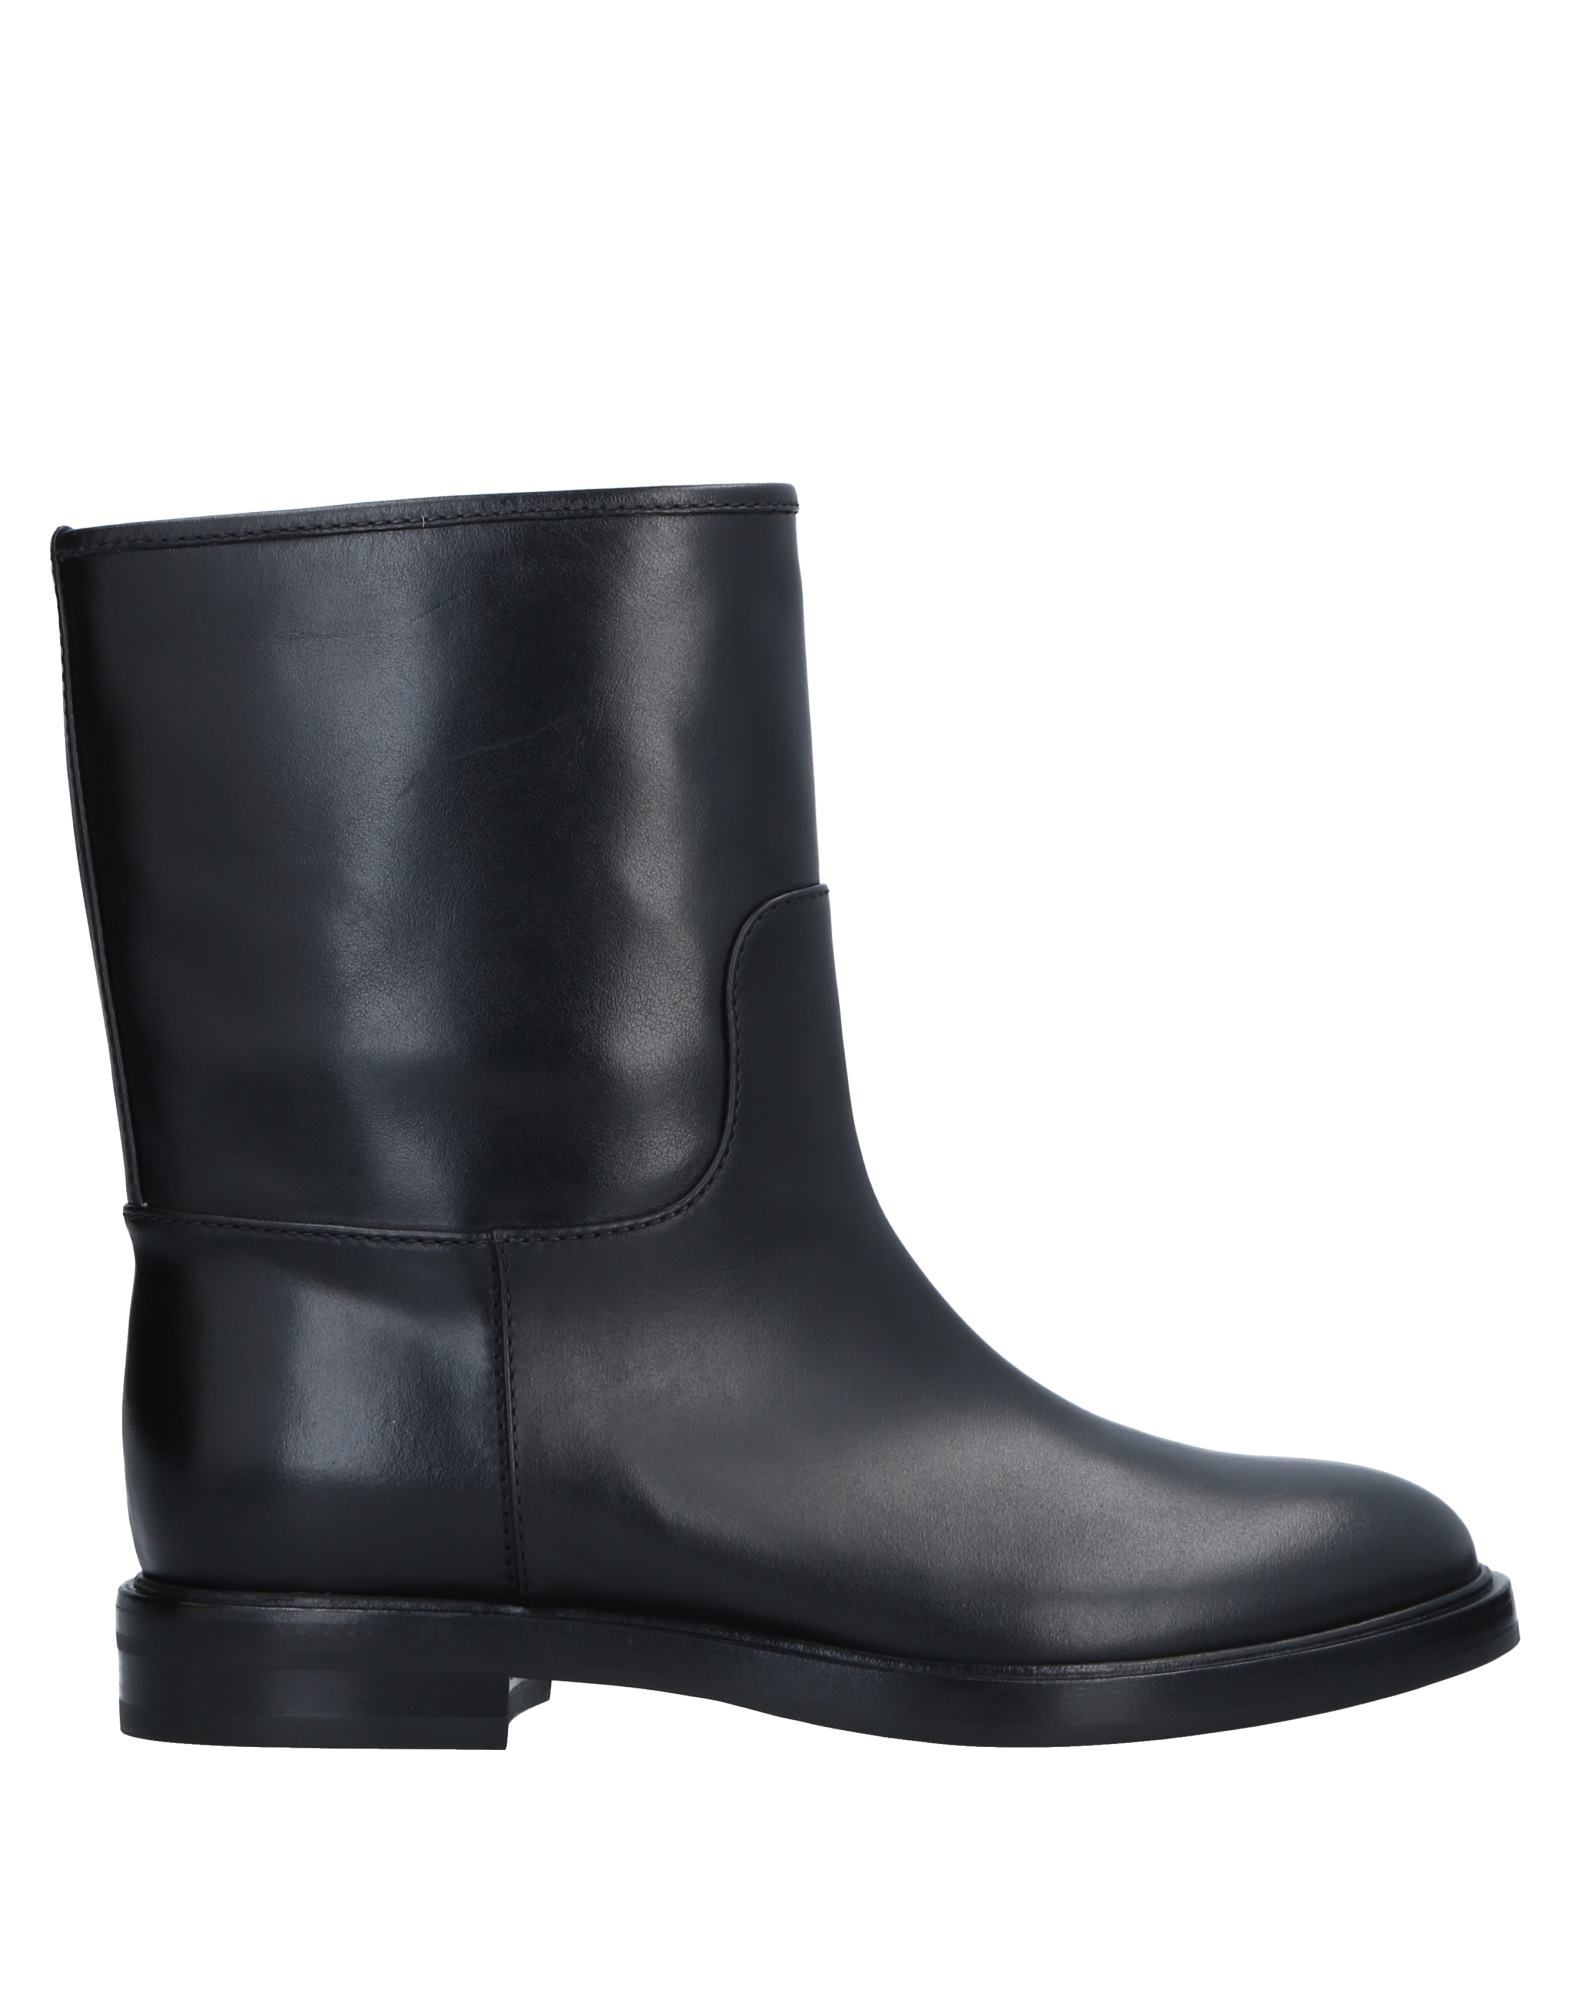 Casadei Stiefelette Damen  11543853CLGünstige gut aussehende Schuhe